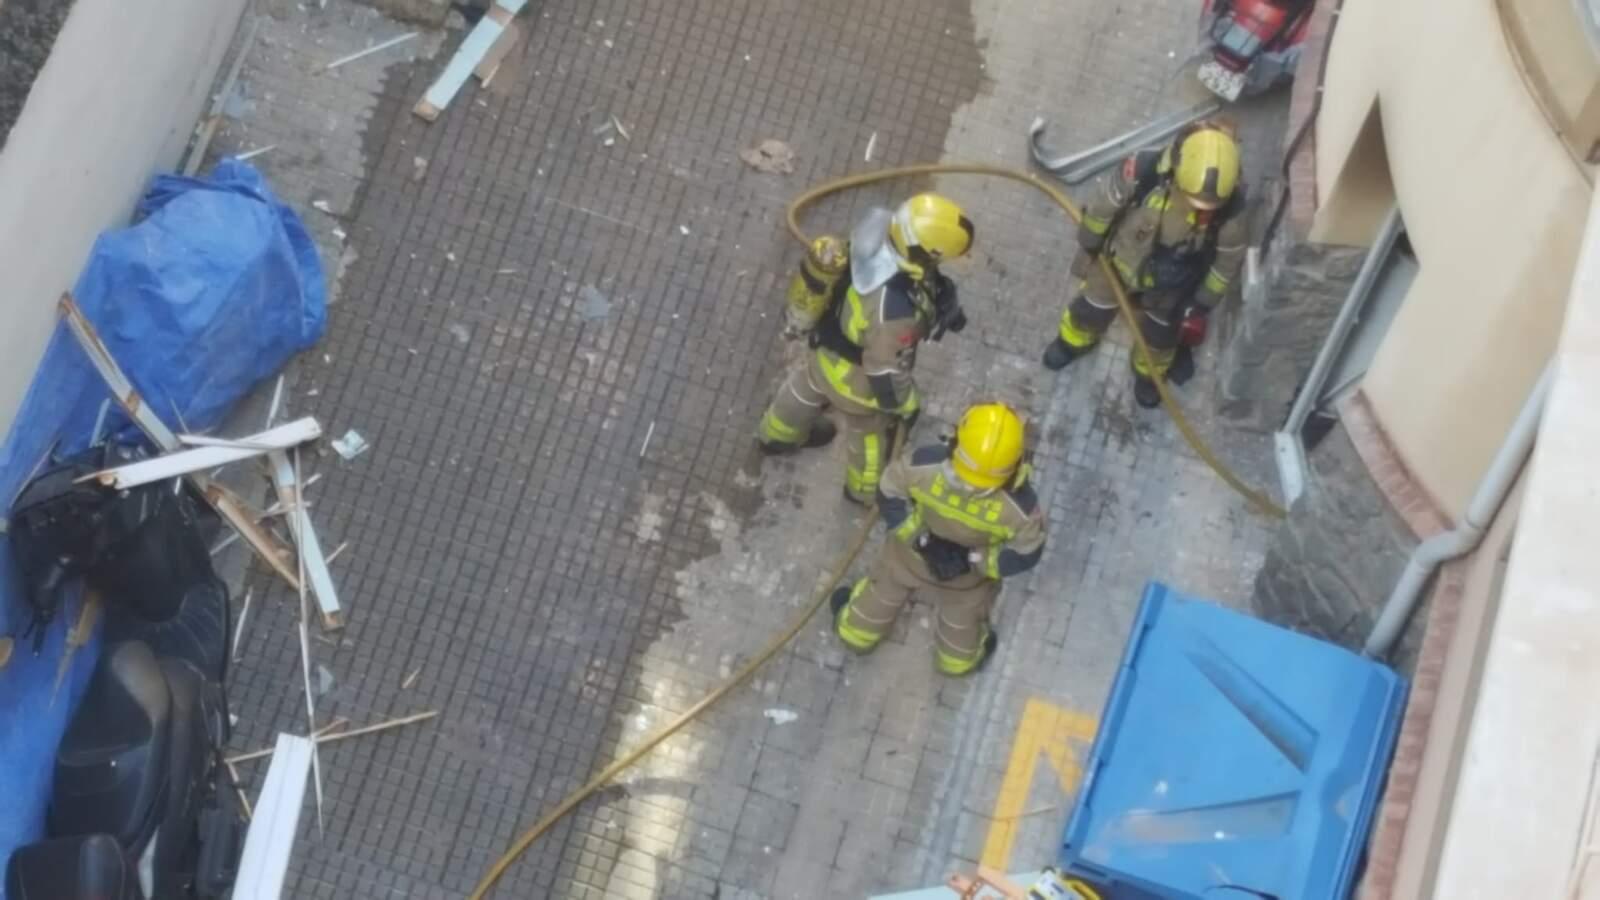 Bombers treballant en l'extinció del foc i la revisió de l'estructura